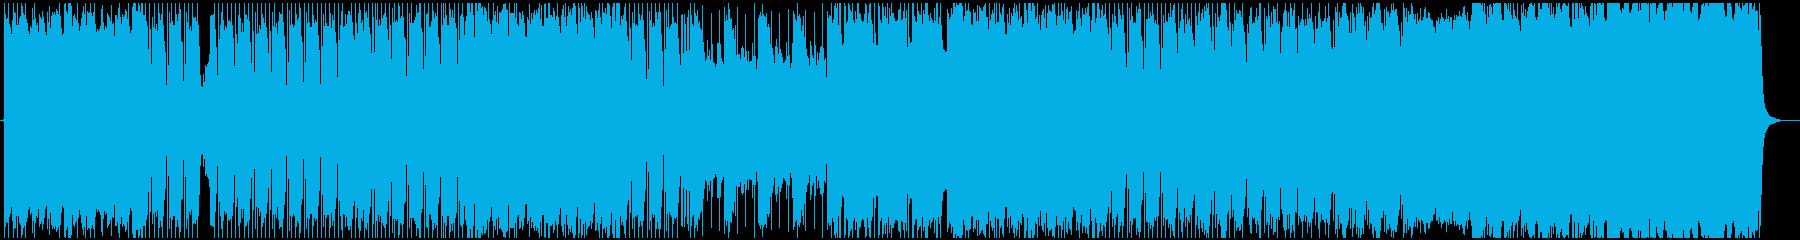 ギターリフ系のミドルテンポのヘビーロックの再生済みの波形